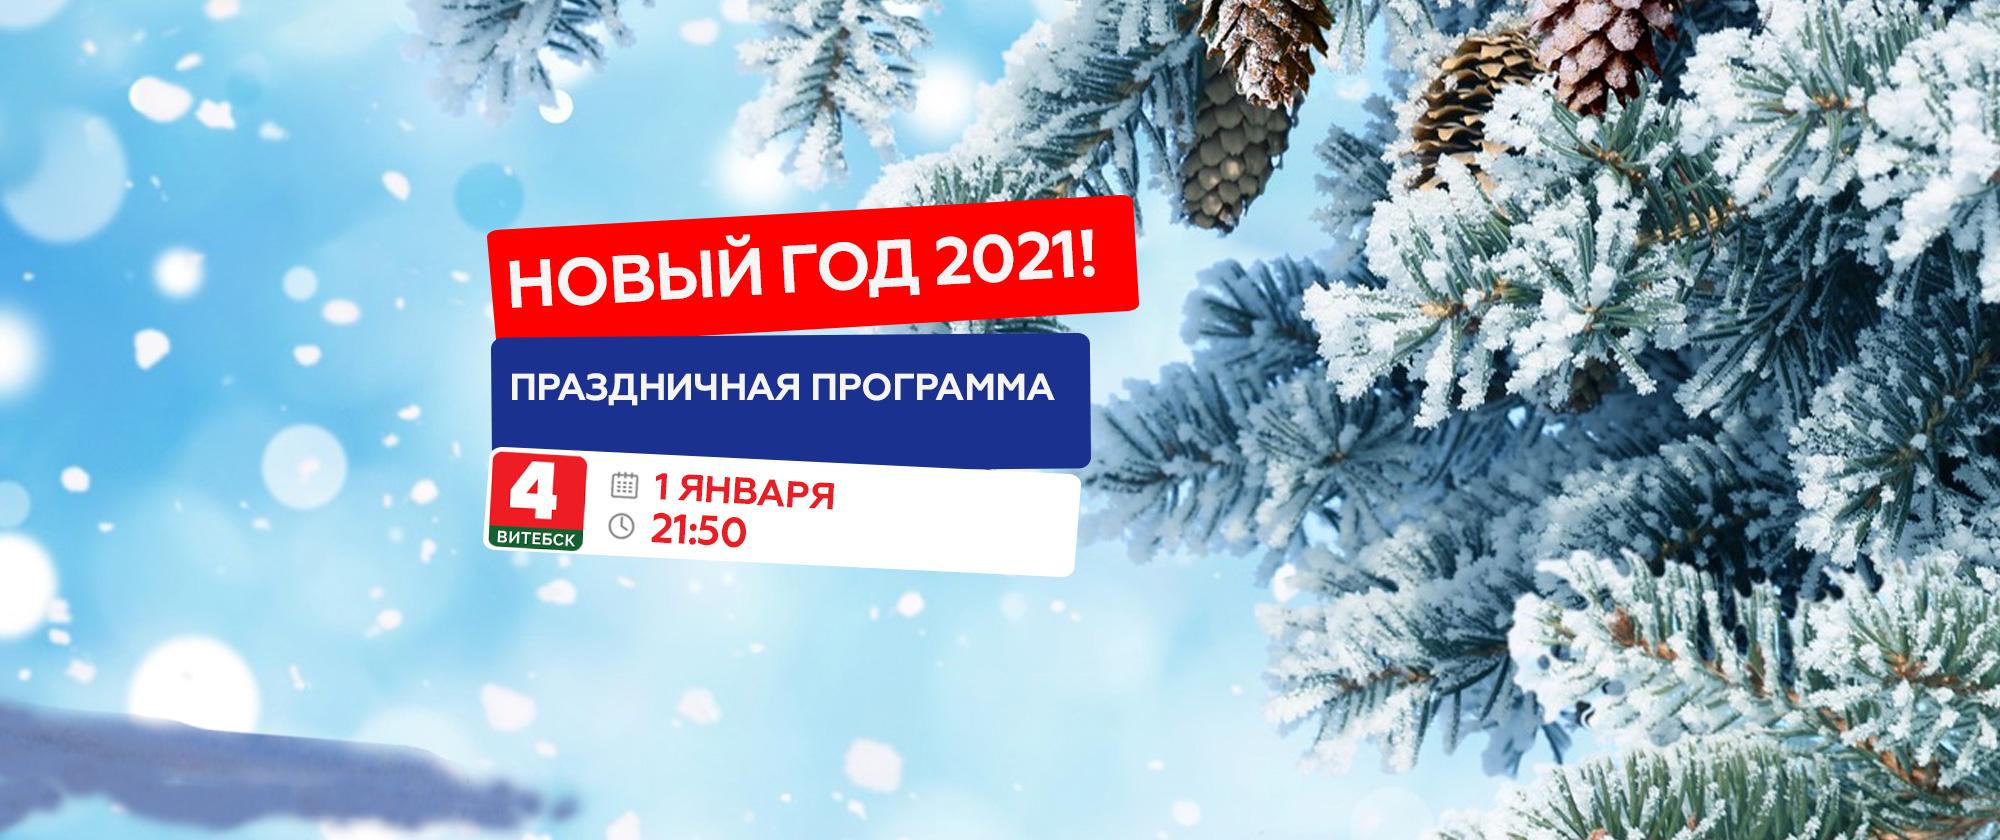 novyj god 1 janvarja - Новый-год-1-января